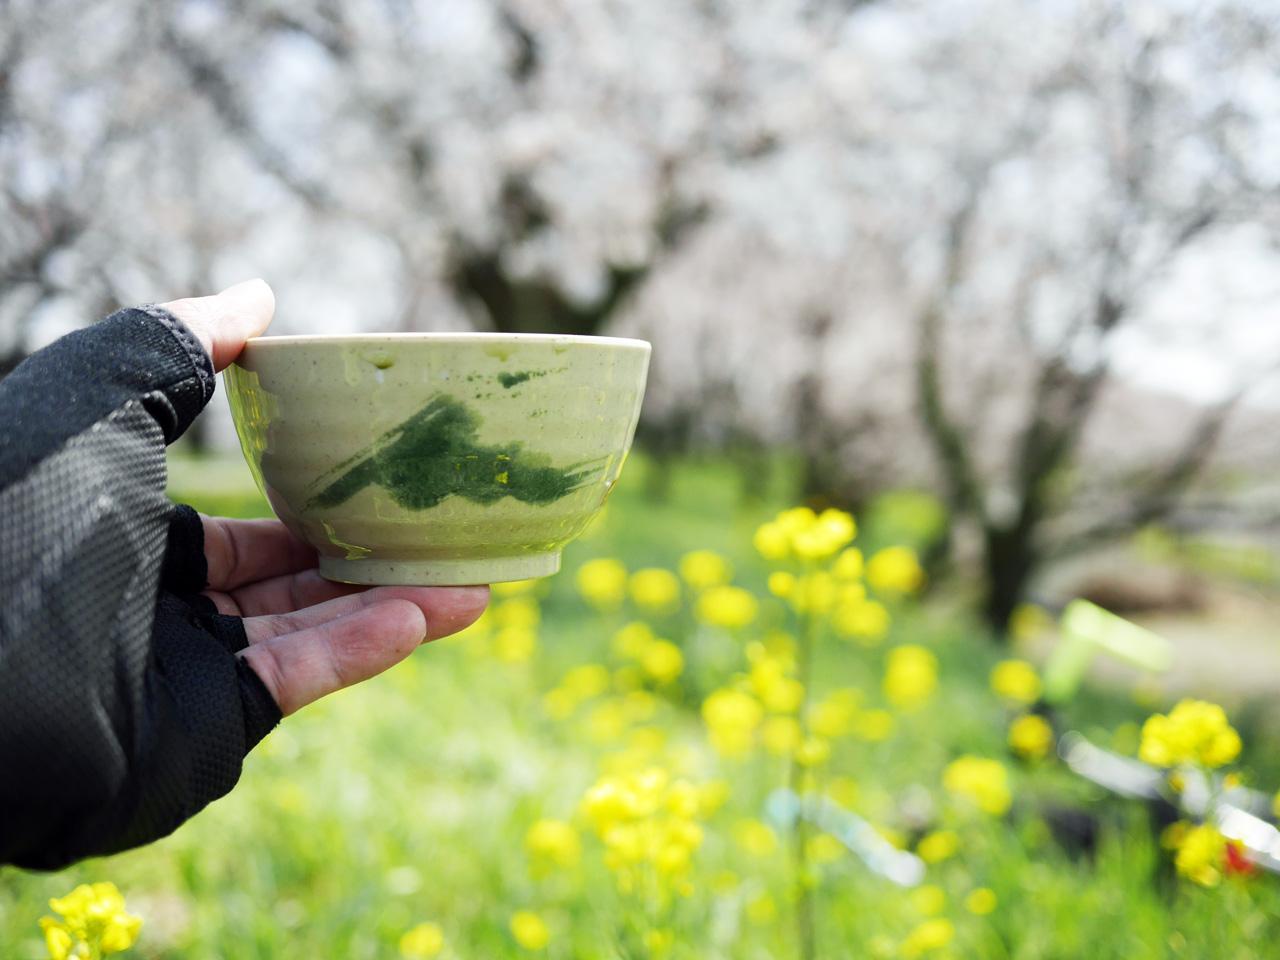 さくら堤公園の北端で桜と菜の花を愛でながら野点に興じる